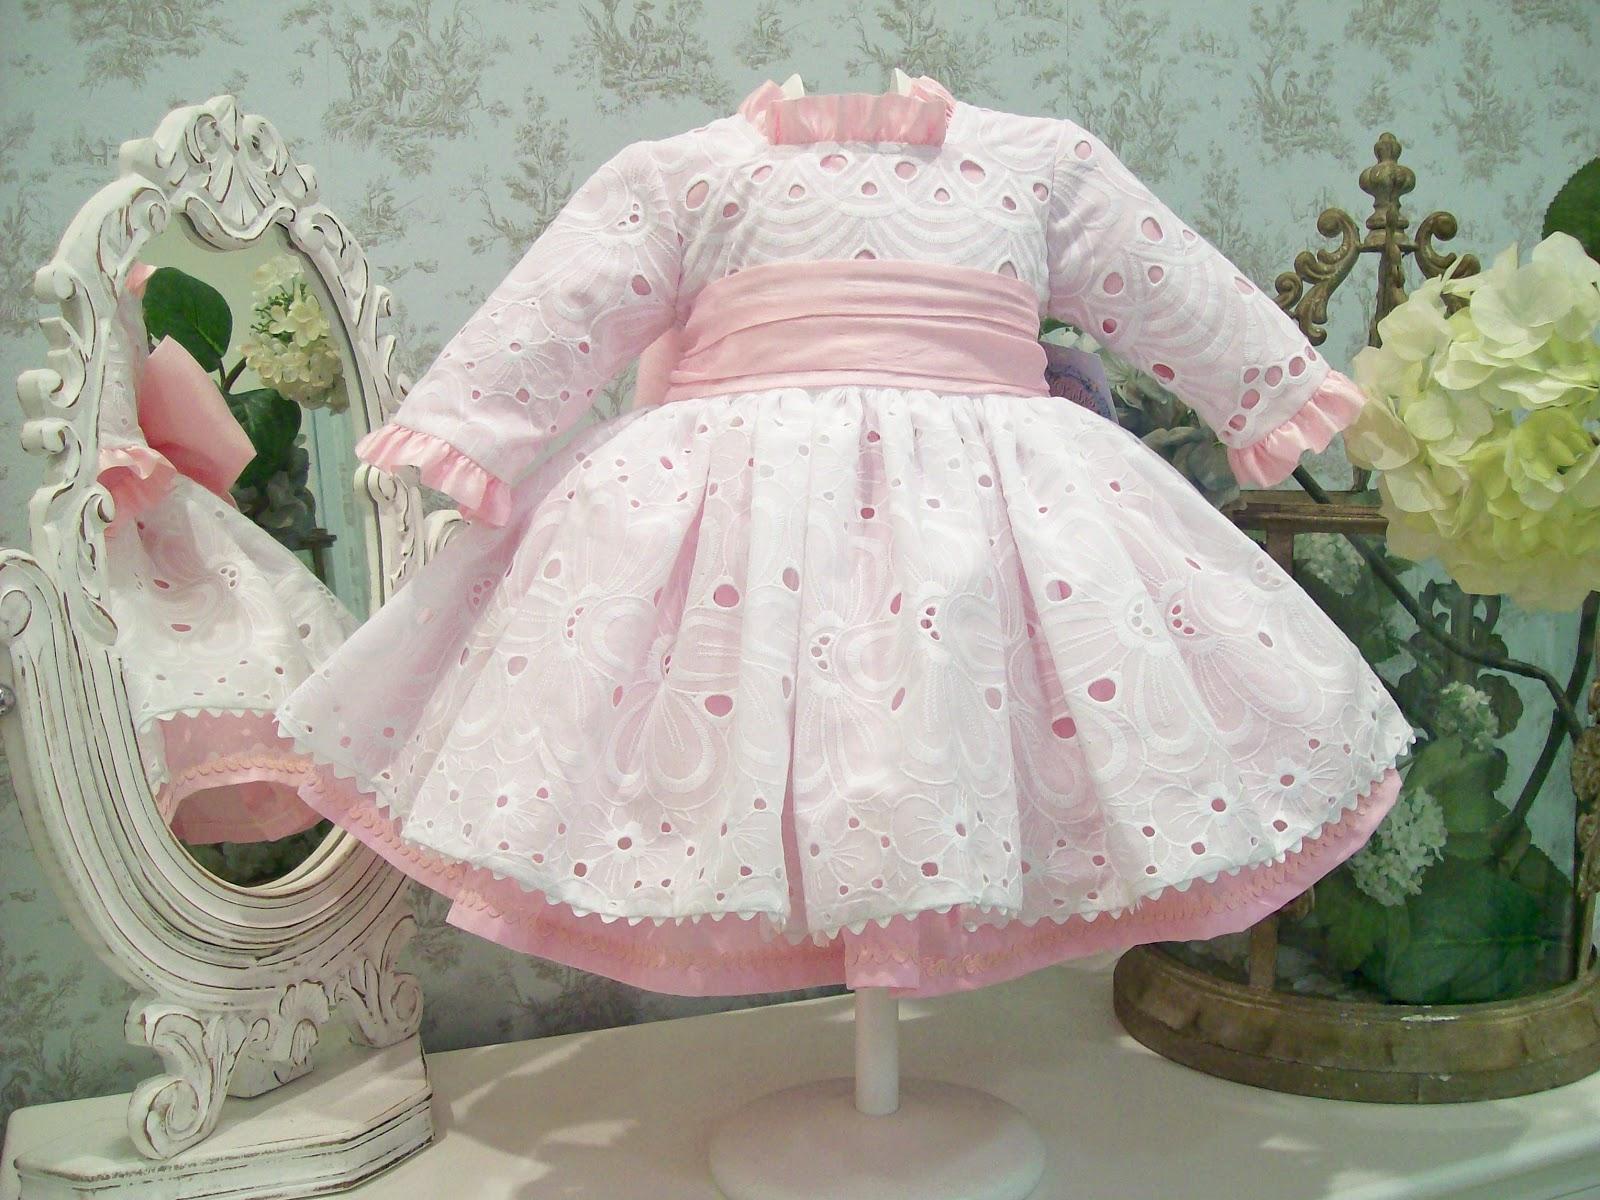 cocolina moda infantil colecci n ceremonia bebes chic. Black Bedroom Furniture Sets. Home Design Ideas